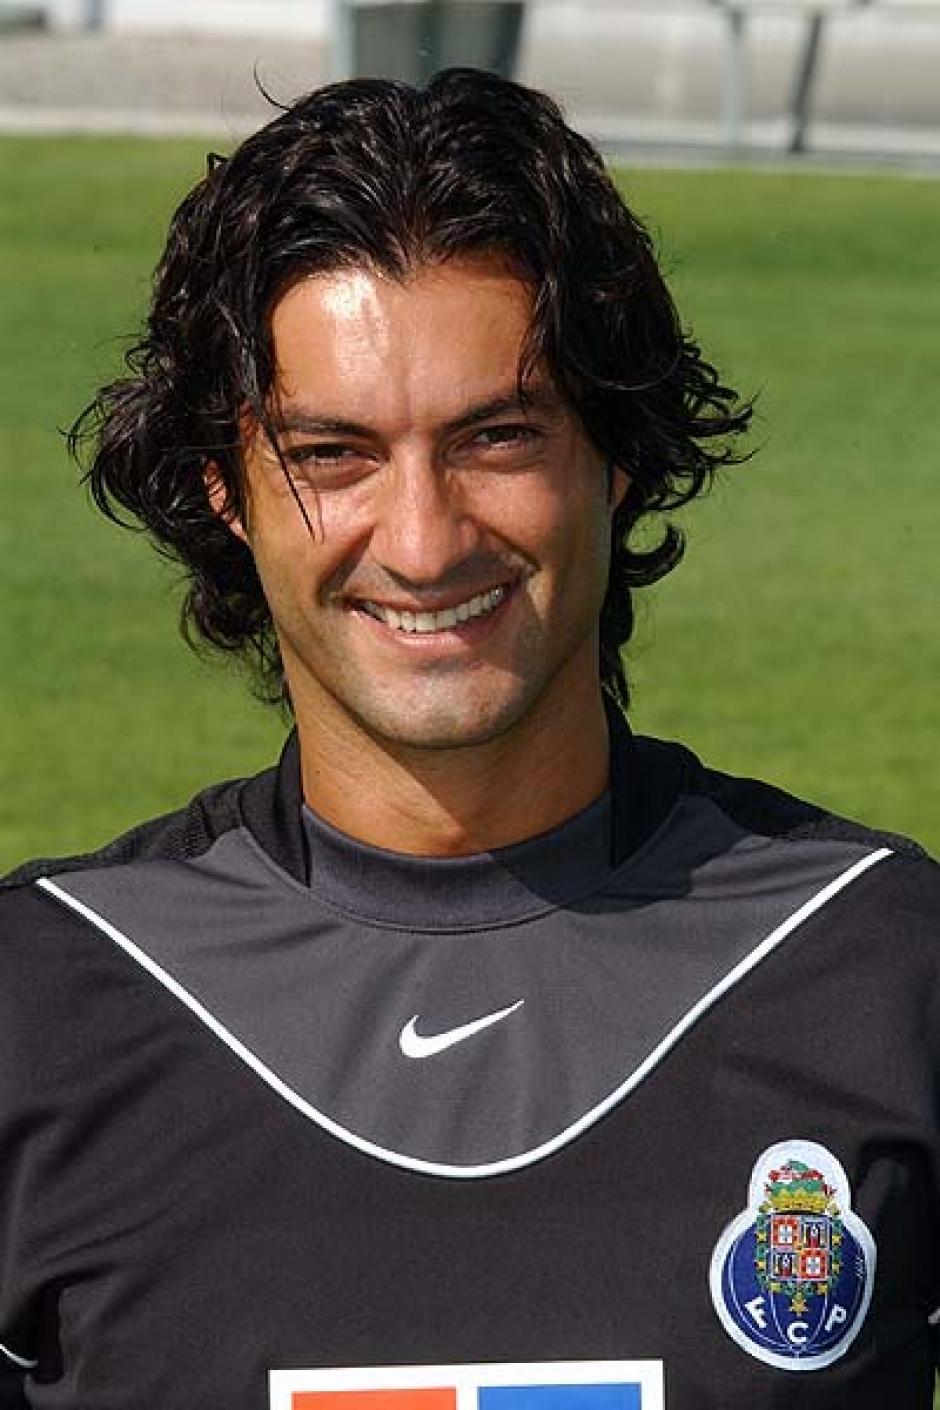 El portero, Víctor Baía, es el segundo en el top. (Foto: Twitter)